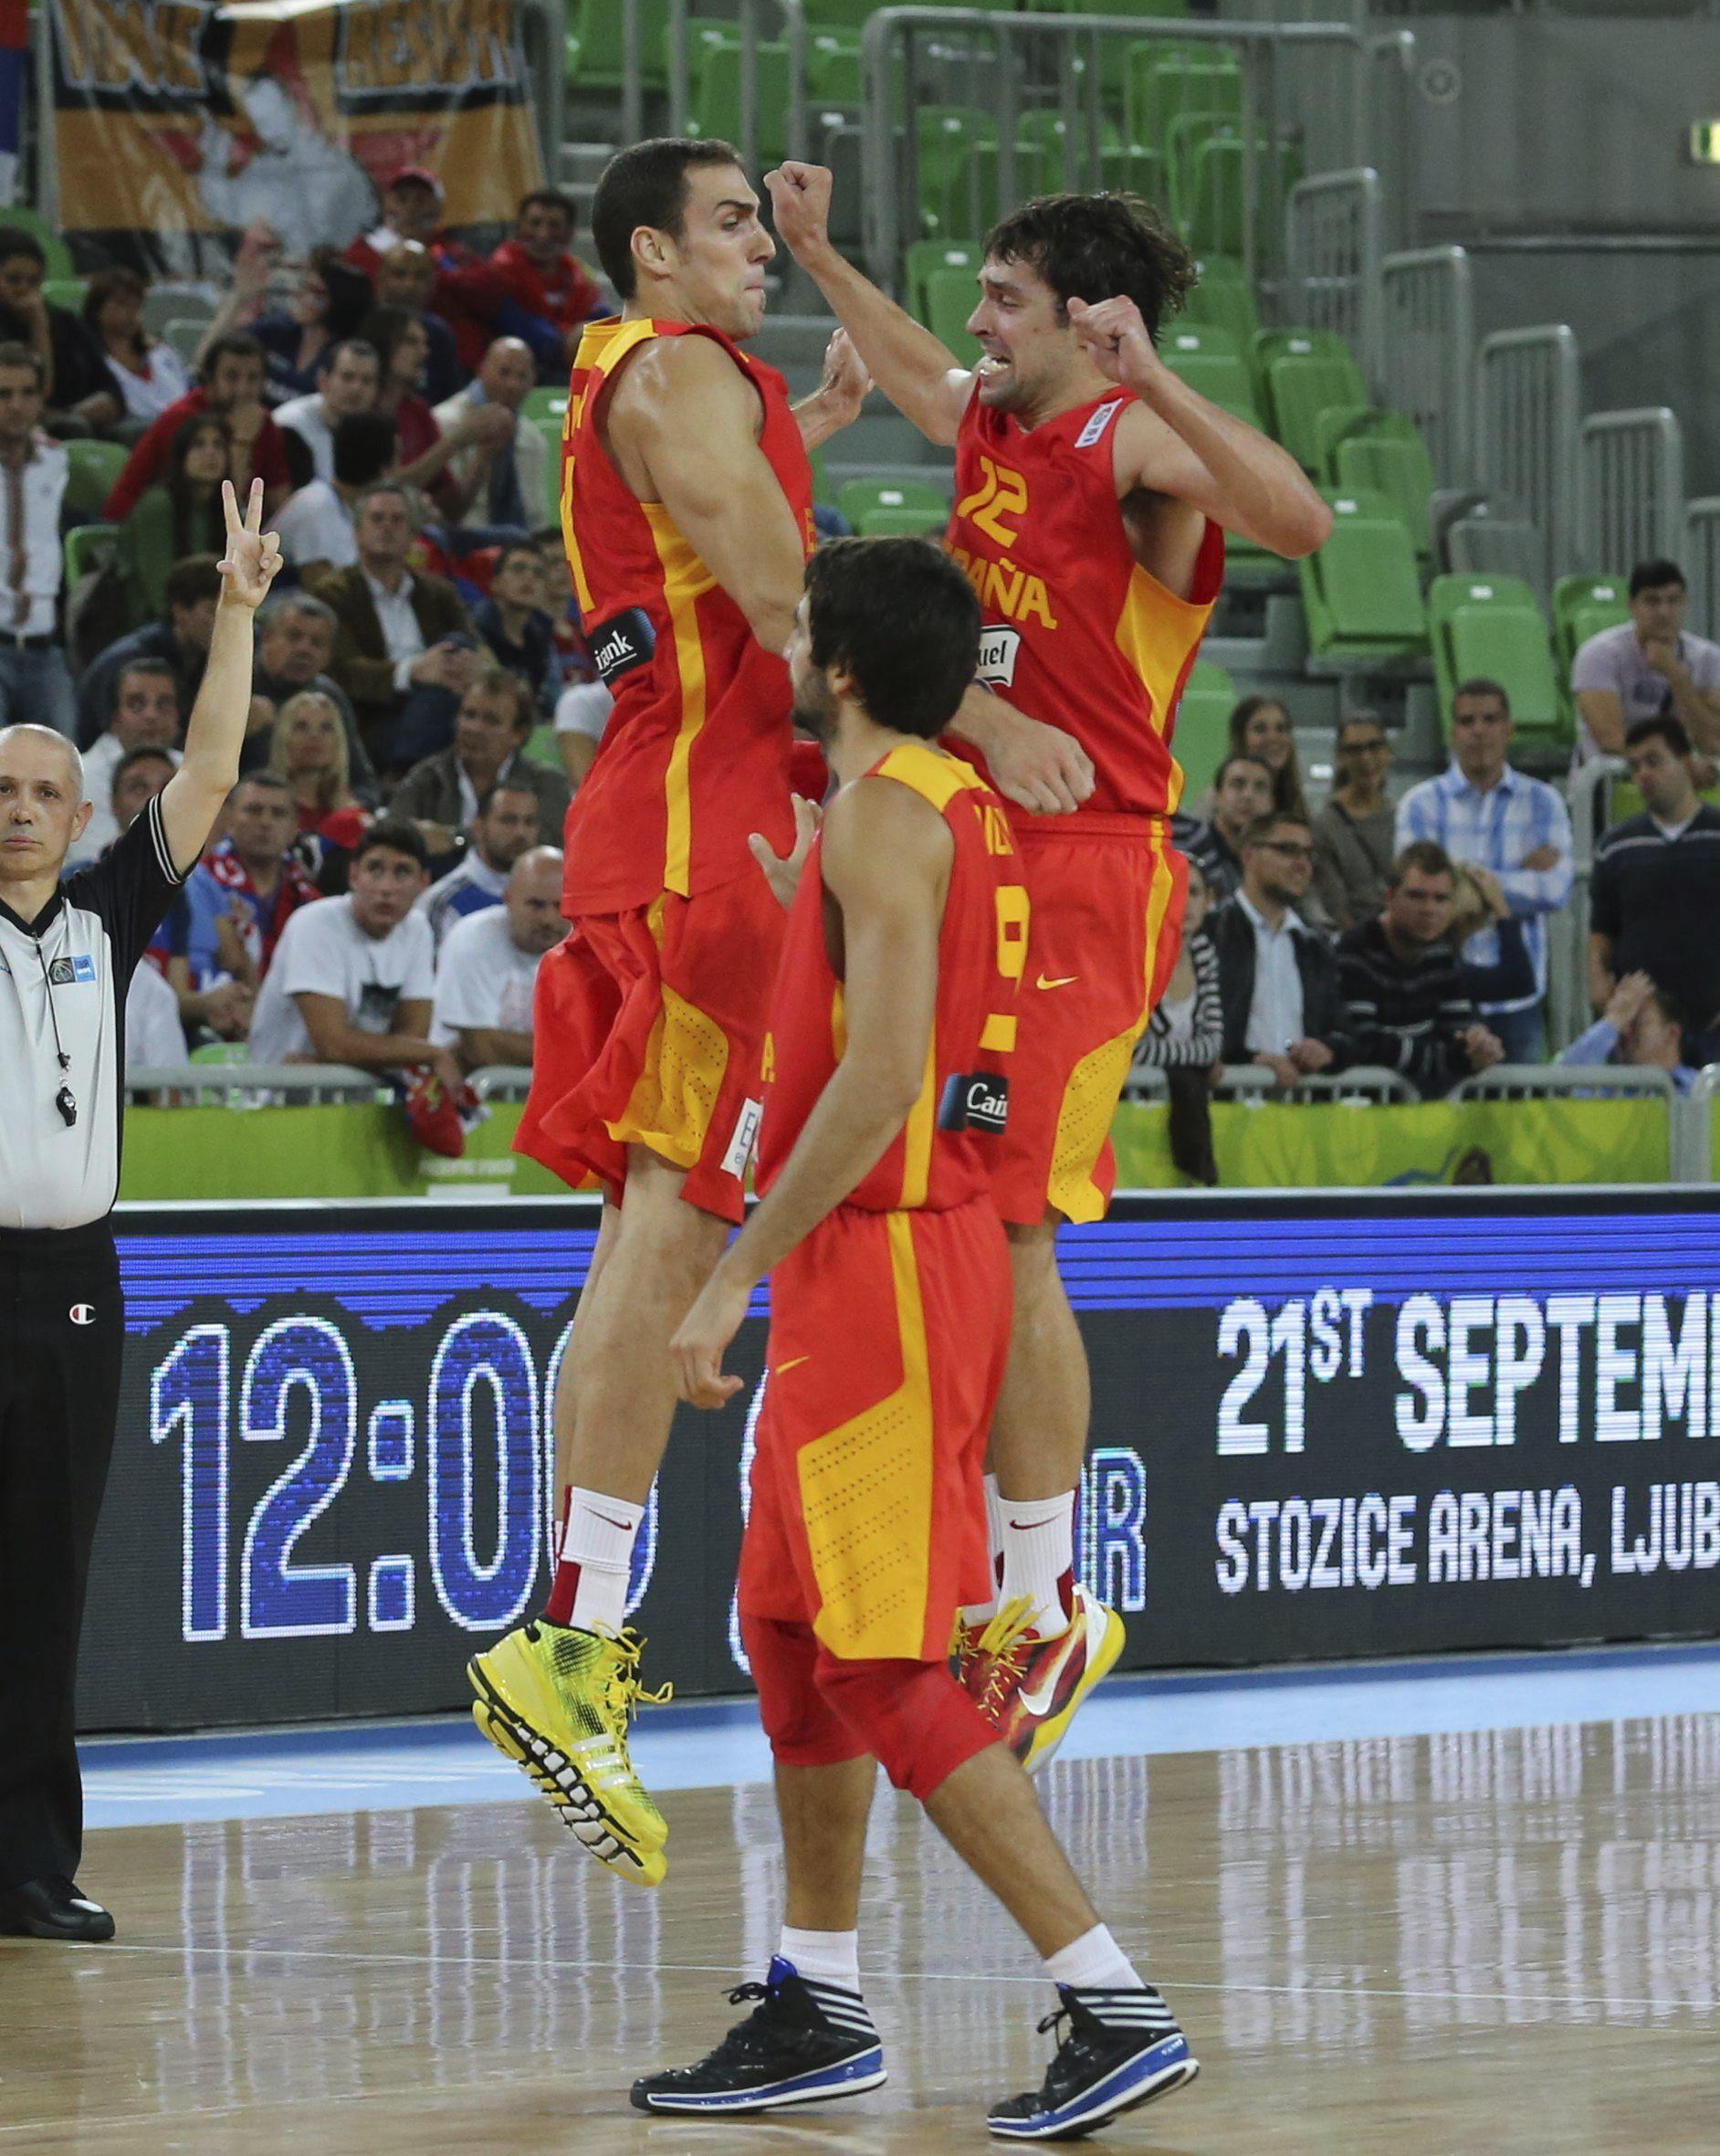 60-90. La selección española jugará por las medallas tras barrer a Serbia